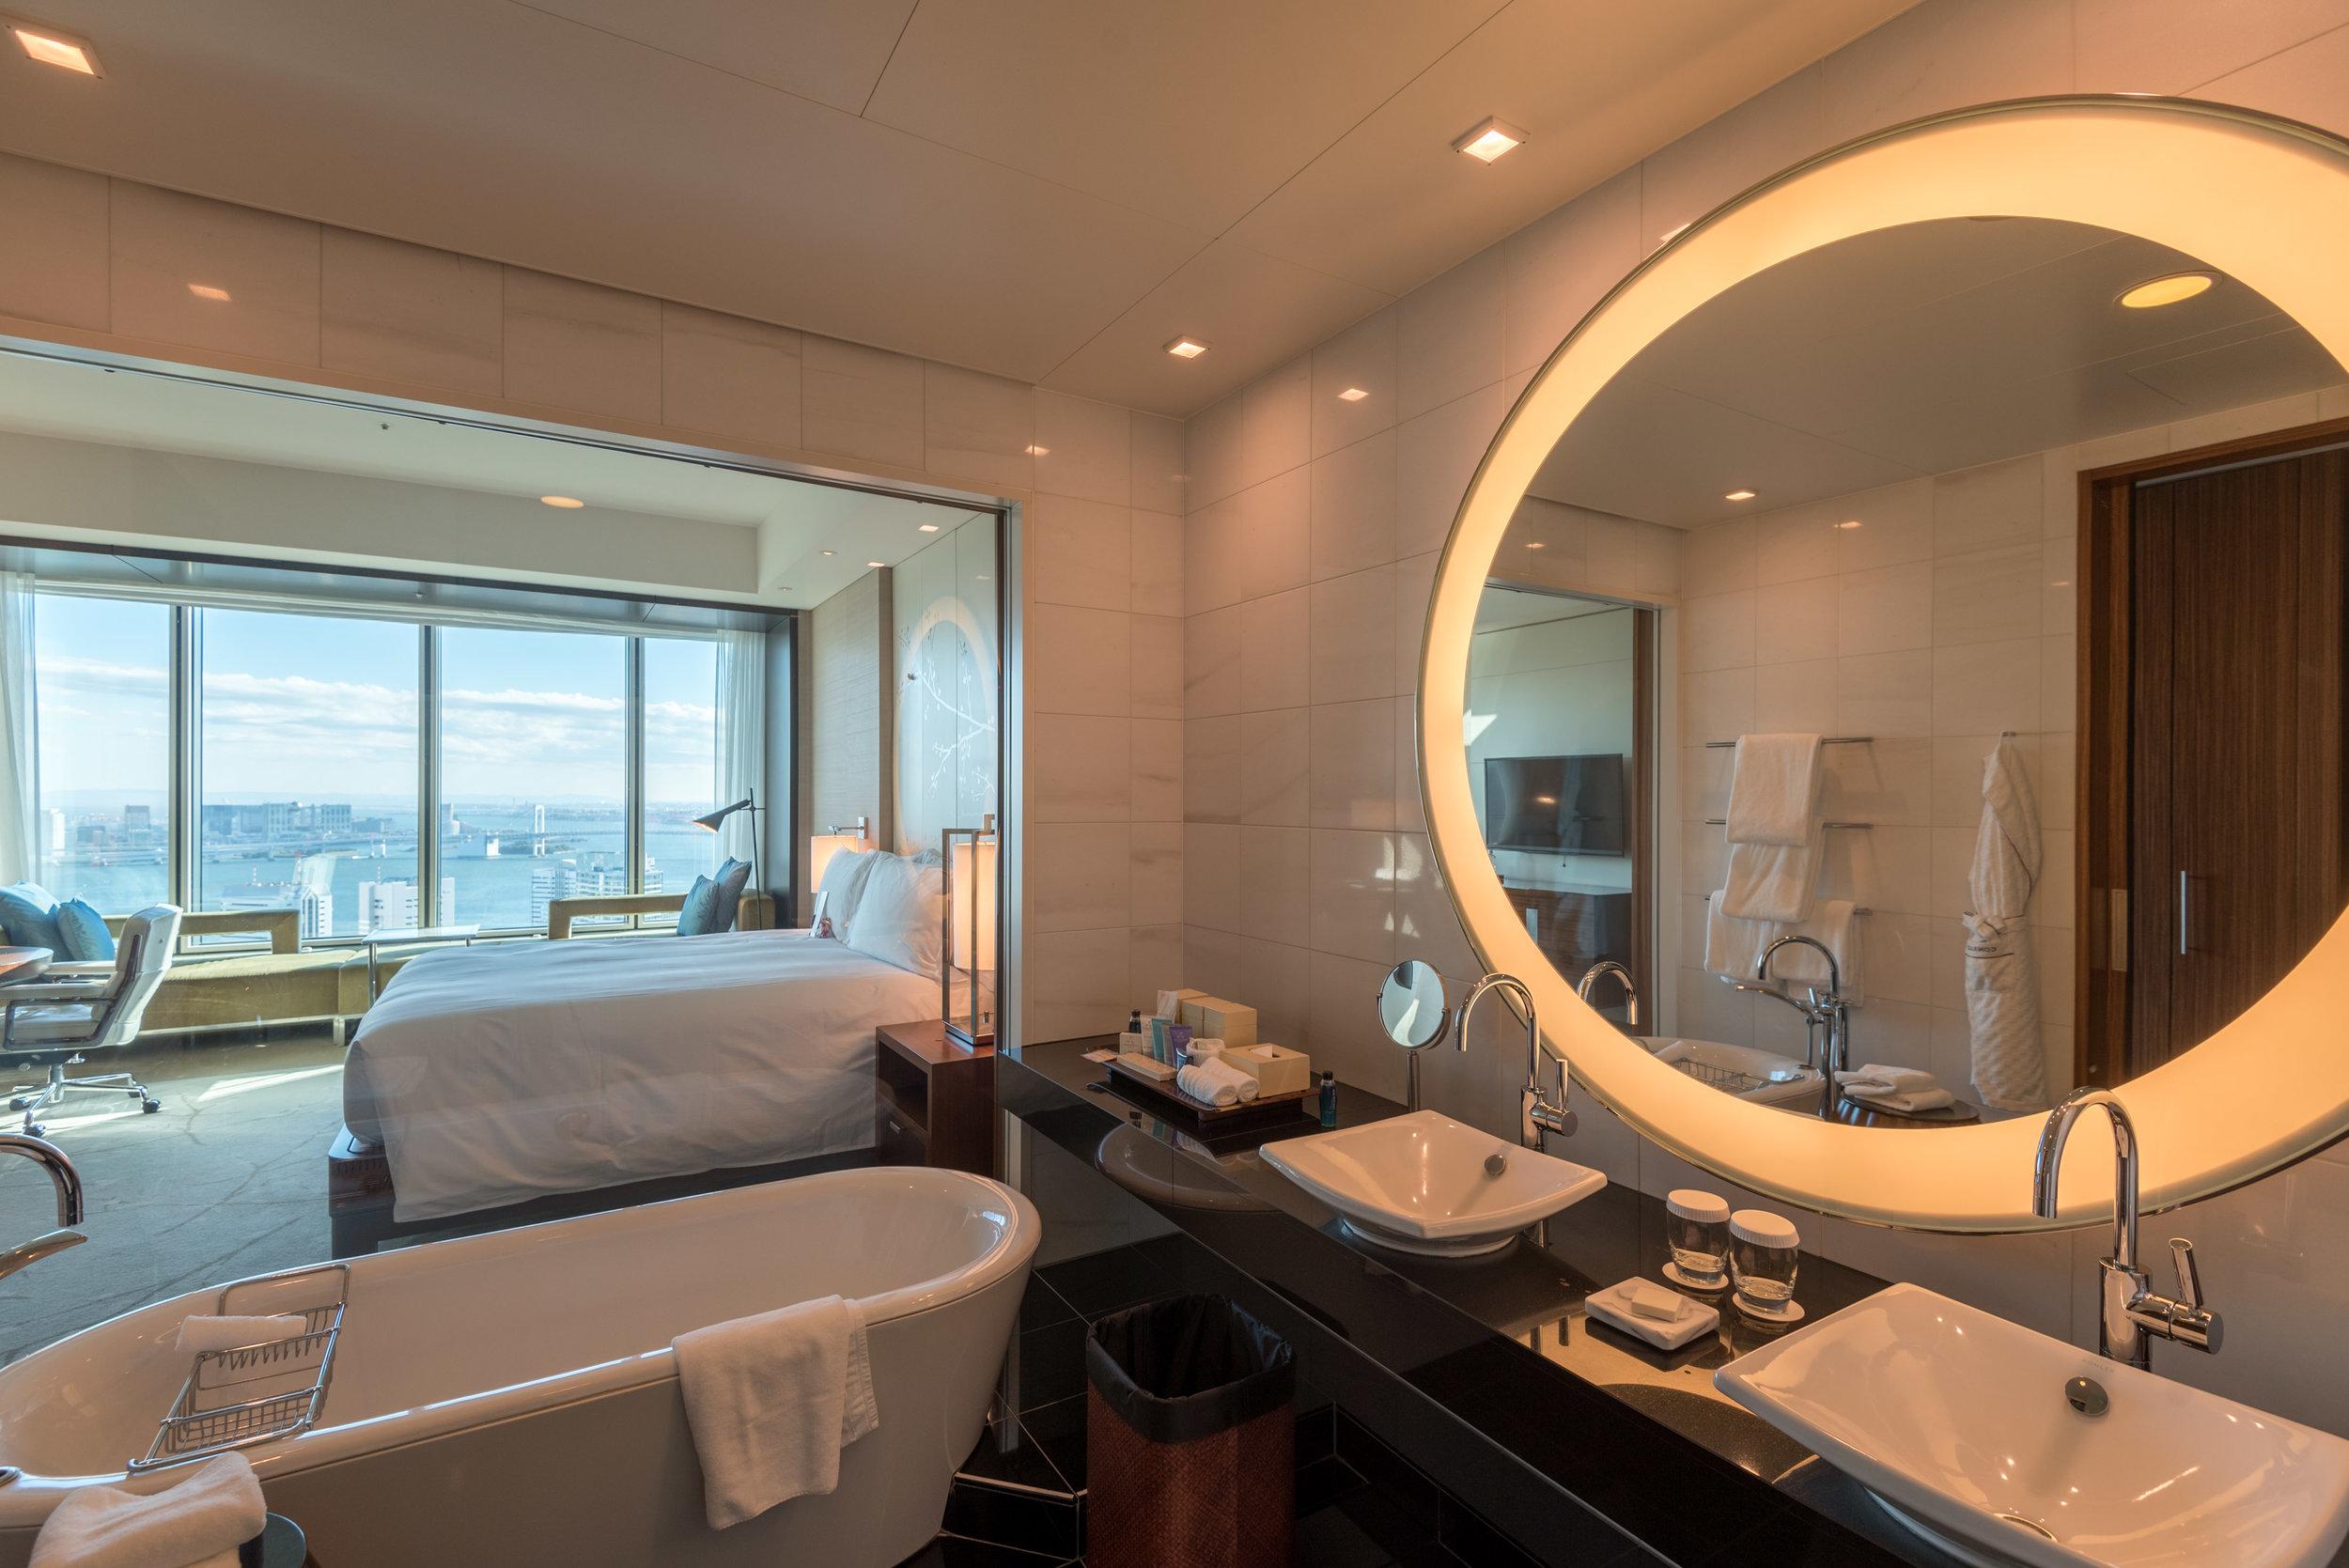 Hotel Review Conrad Tokyo King Executive Room Bay View